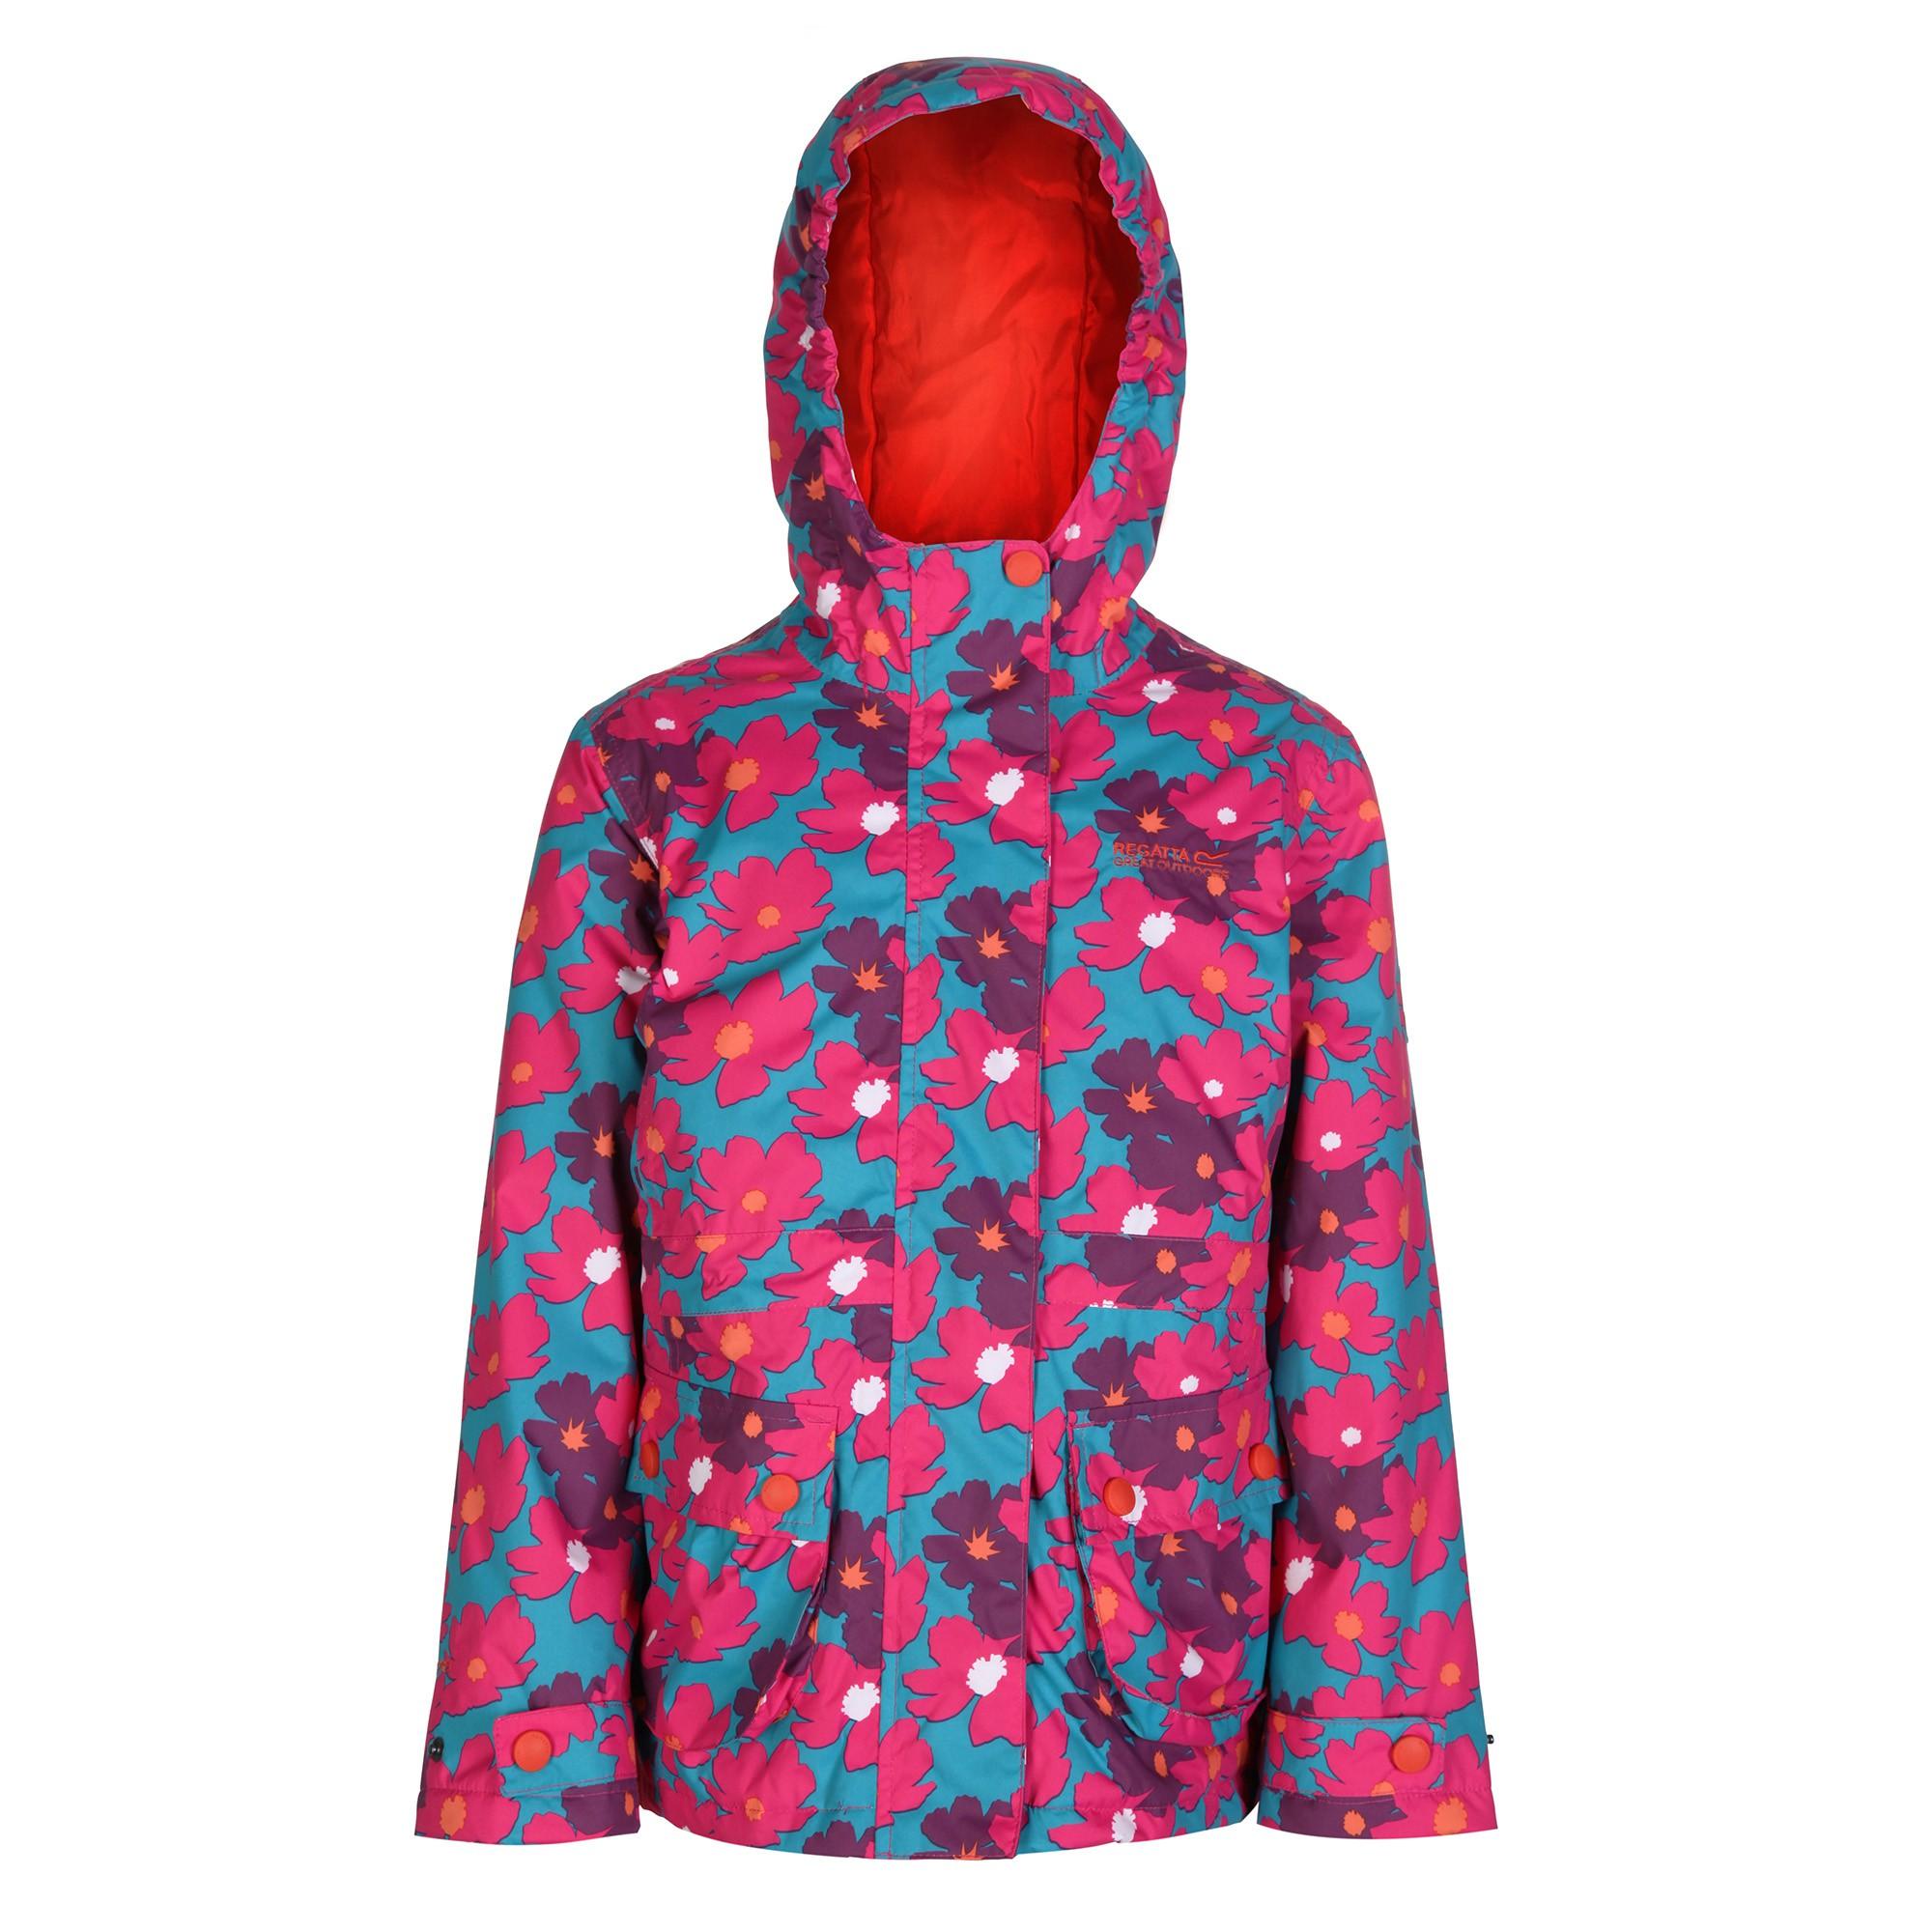 Regatta Great Outdoors Childrens Girls Bouncy Waterproof Jacket (11/12) (Enamel)